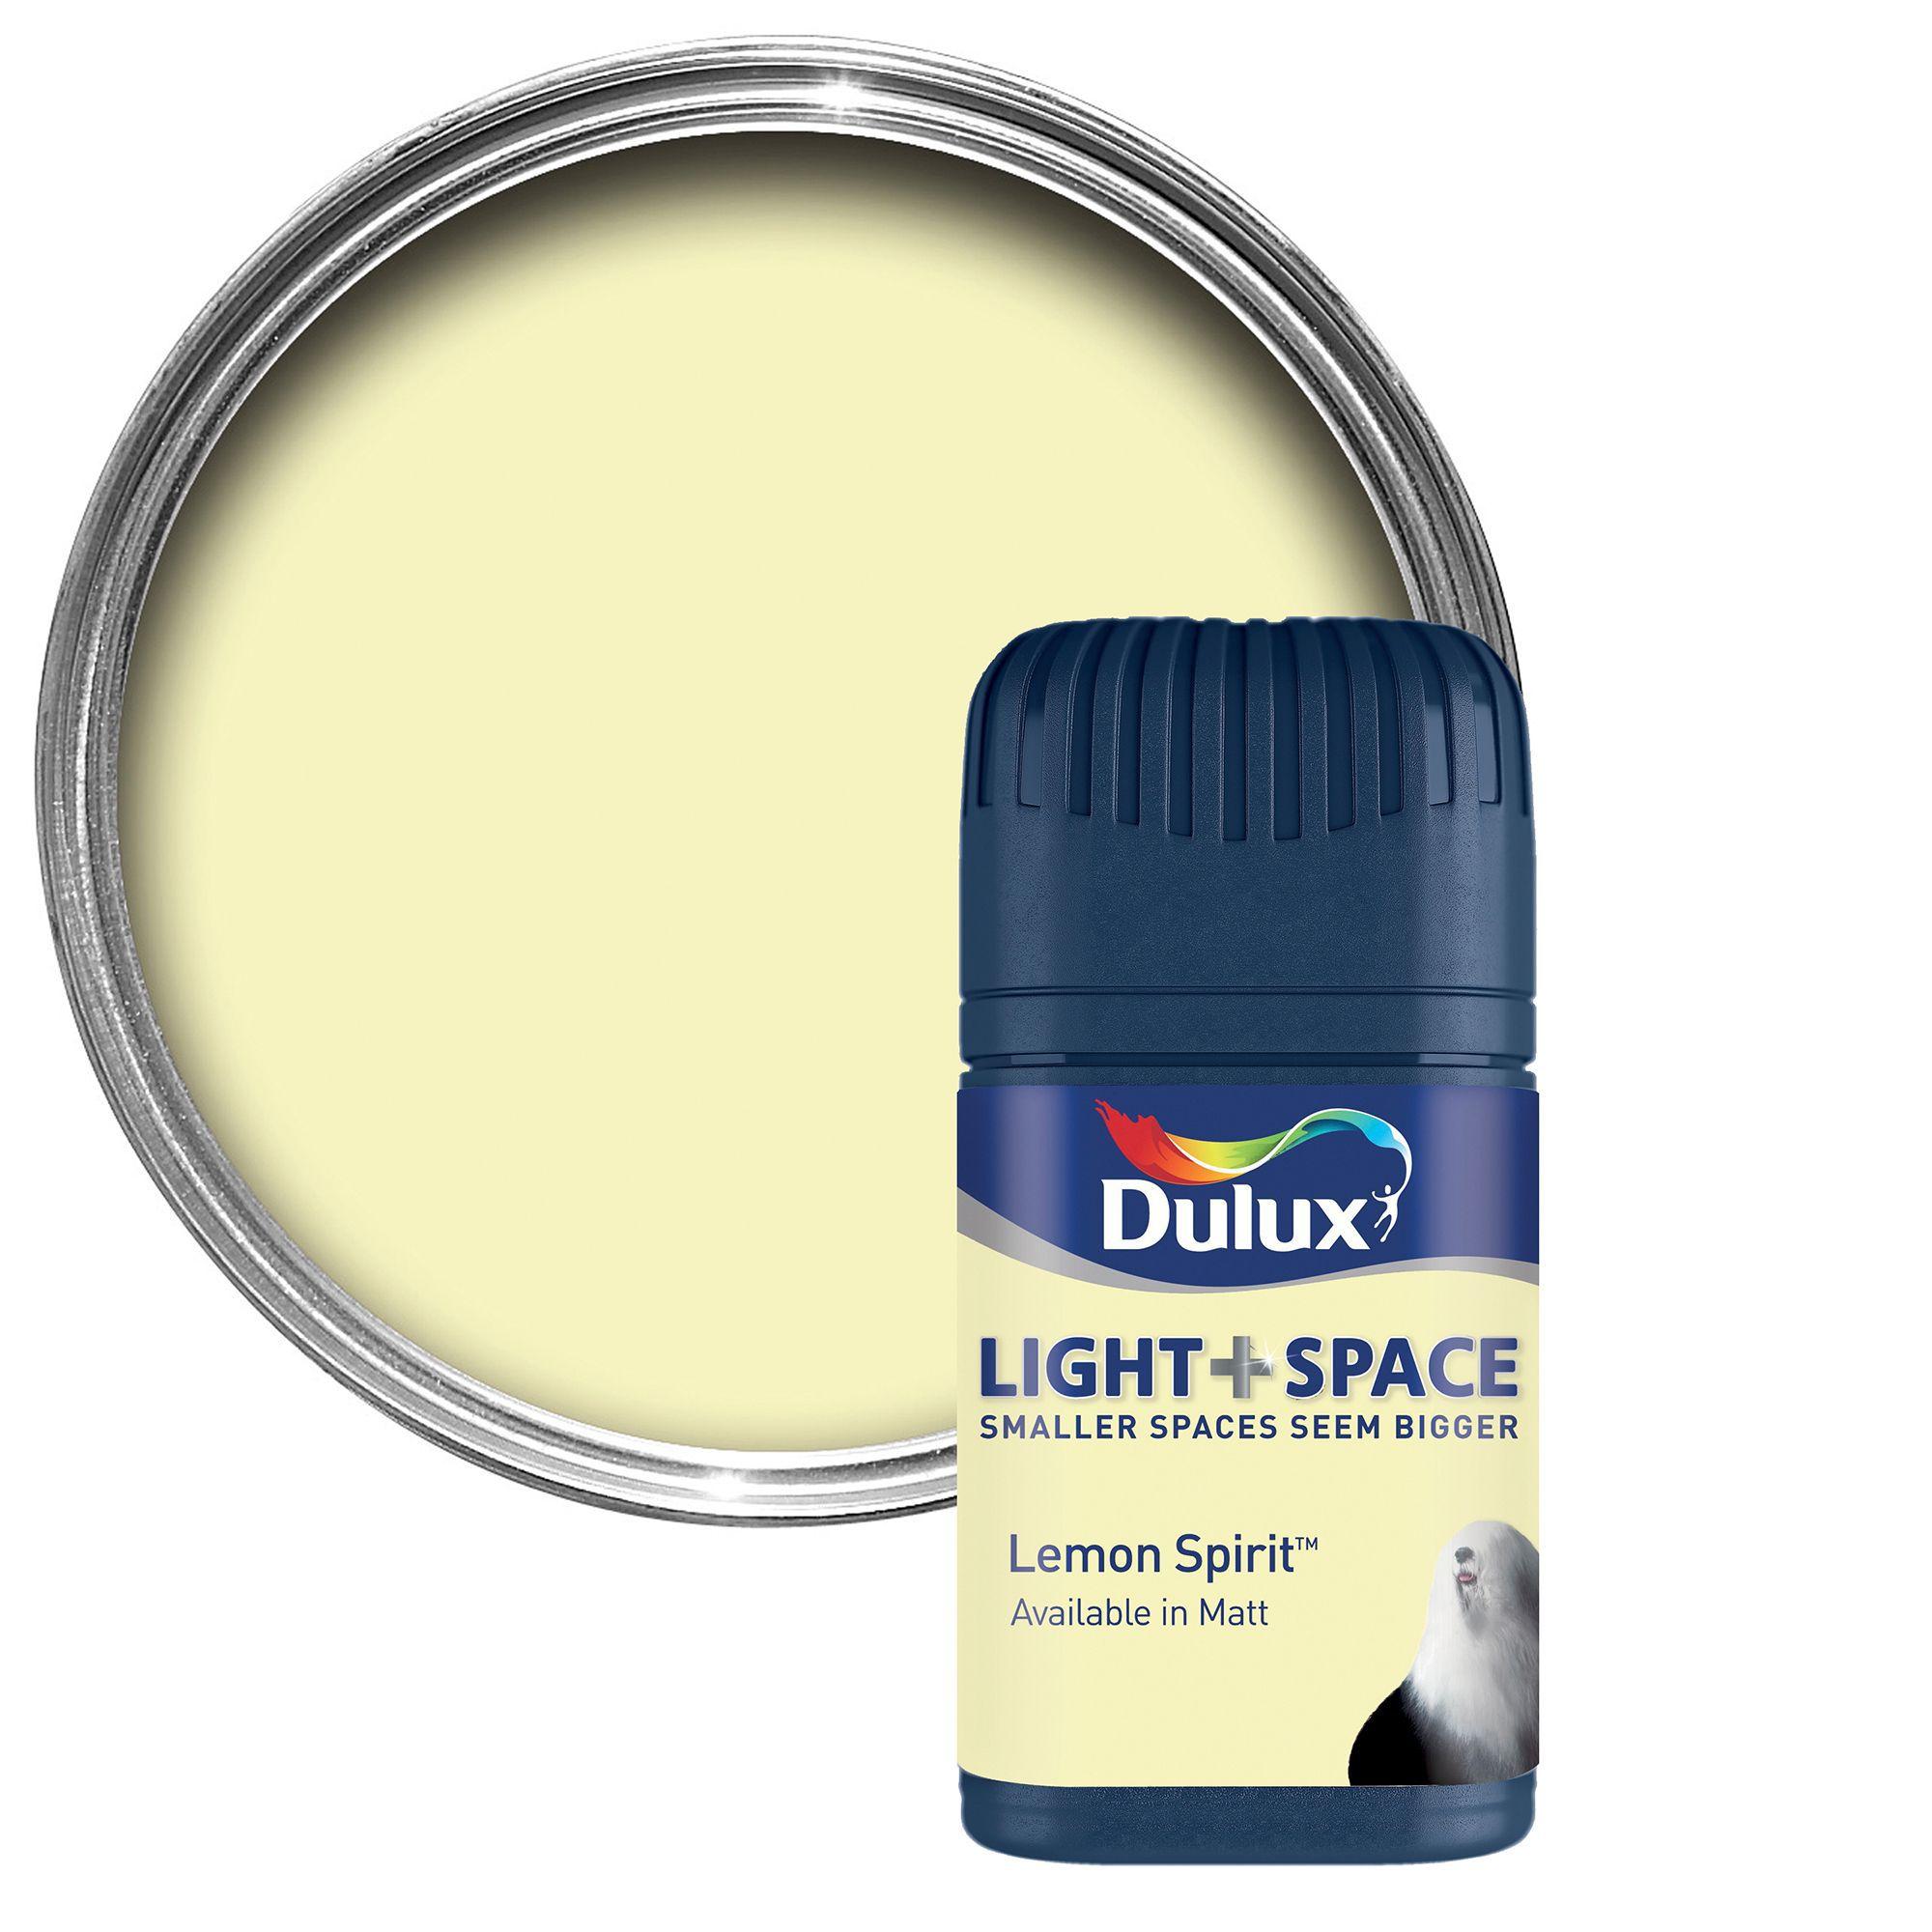 Dulux Light & Space Lemon Spirit Matt Emulsion Paint 50ml Tester Pot